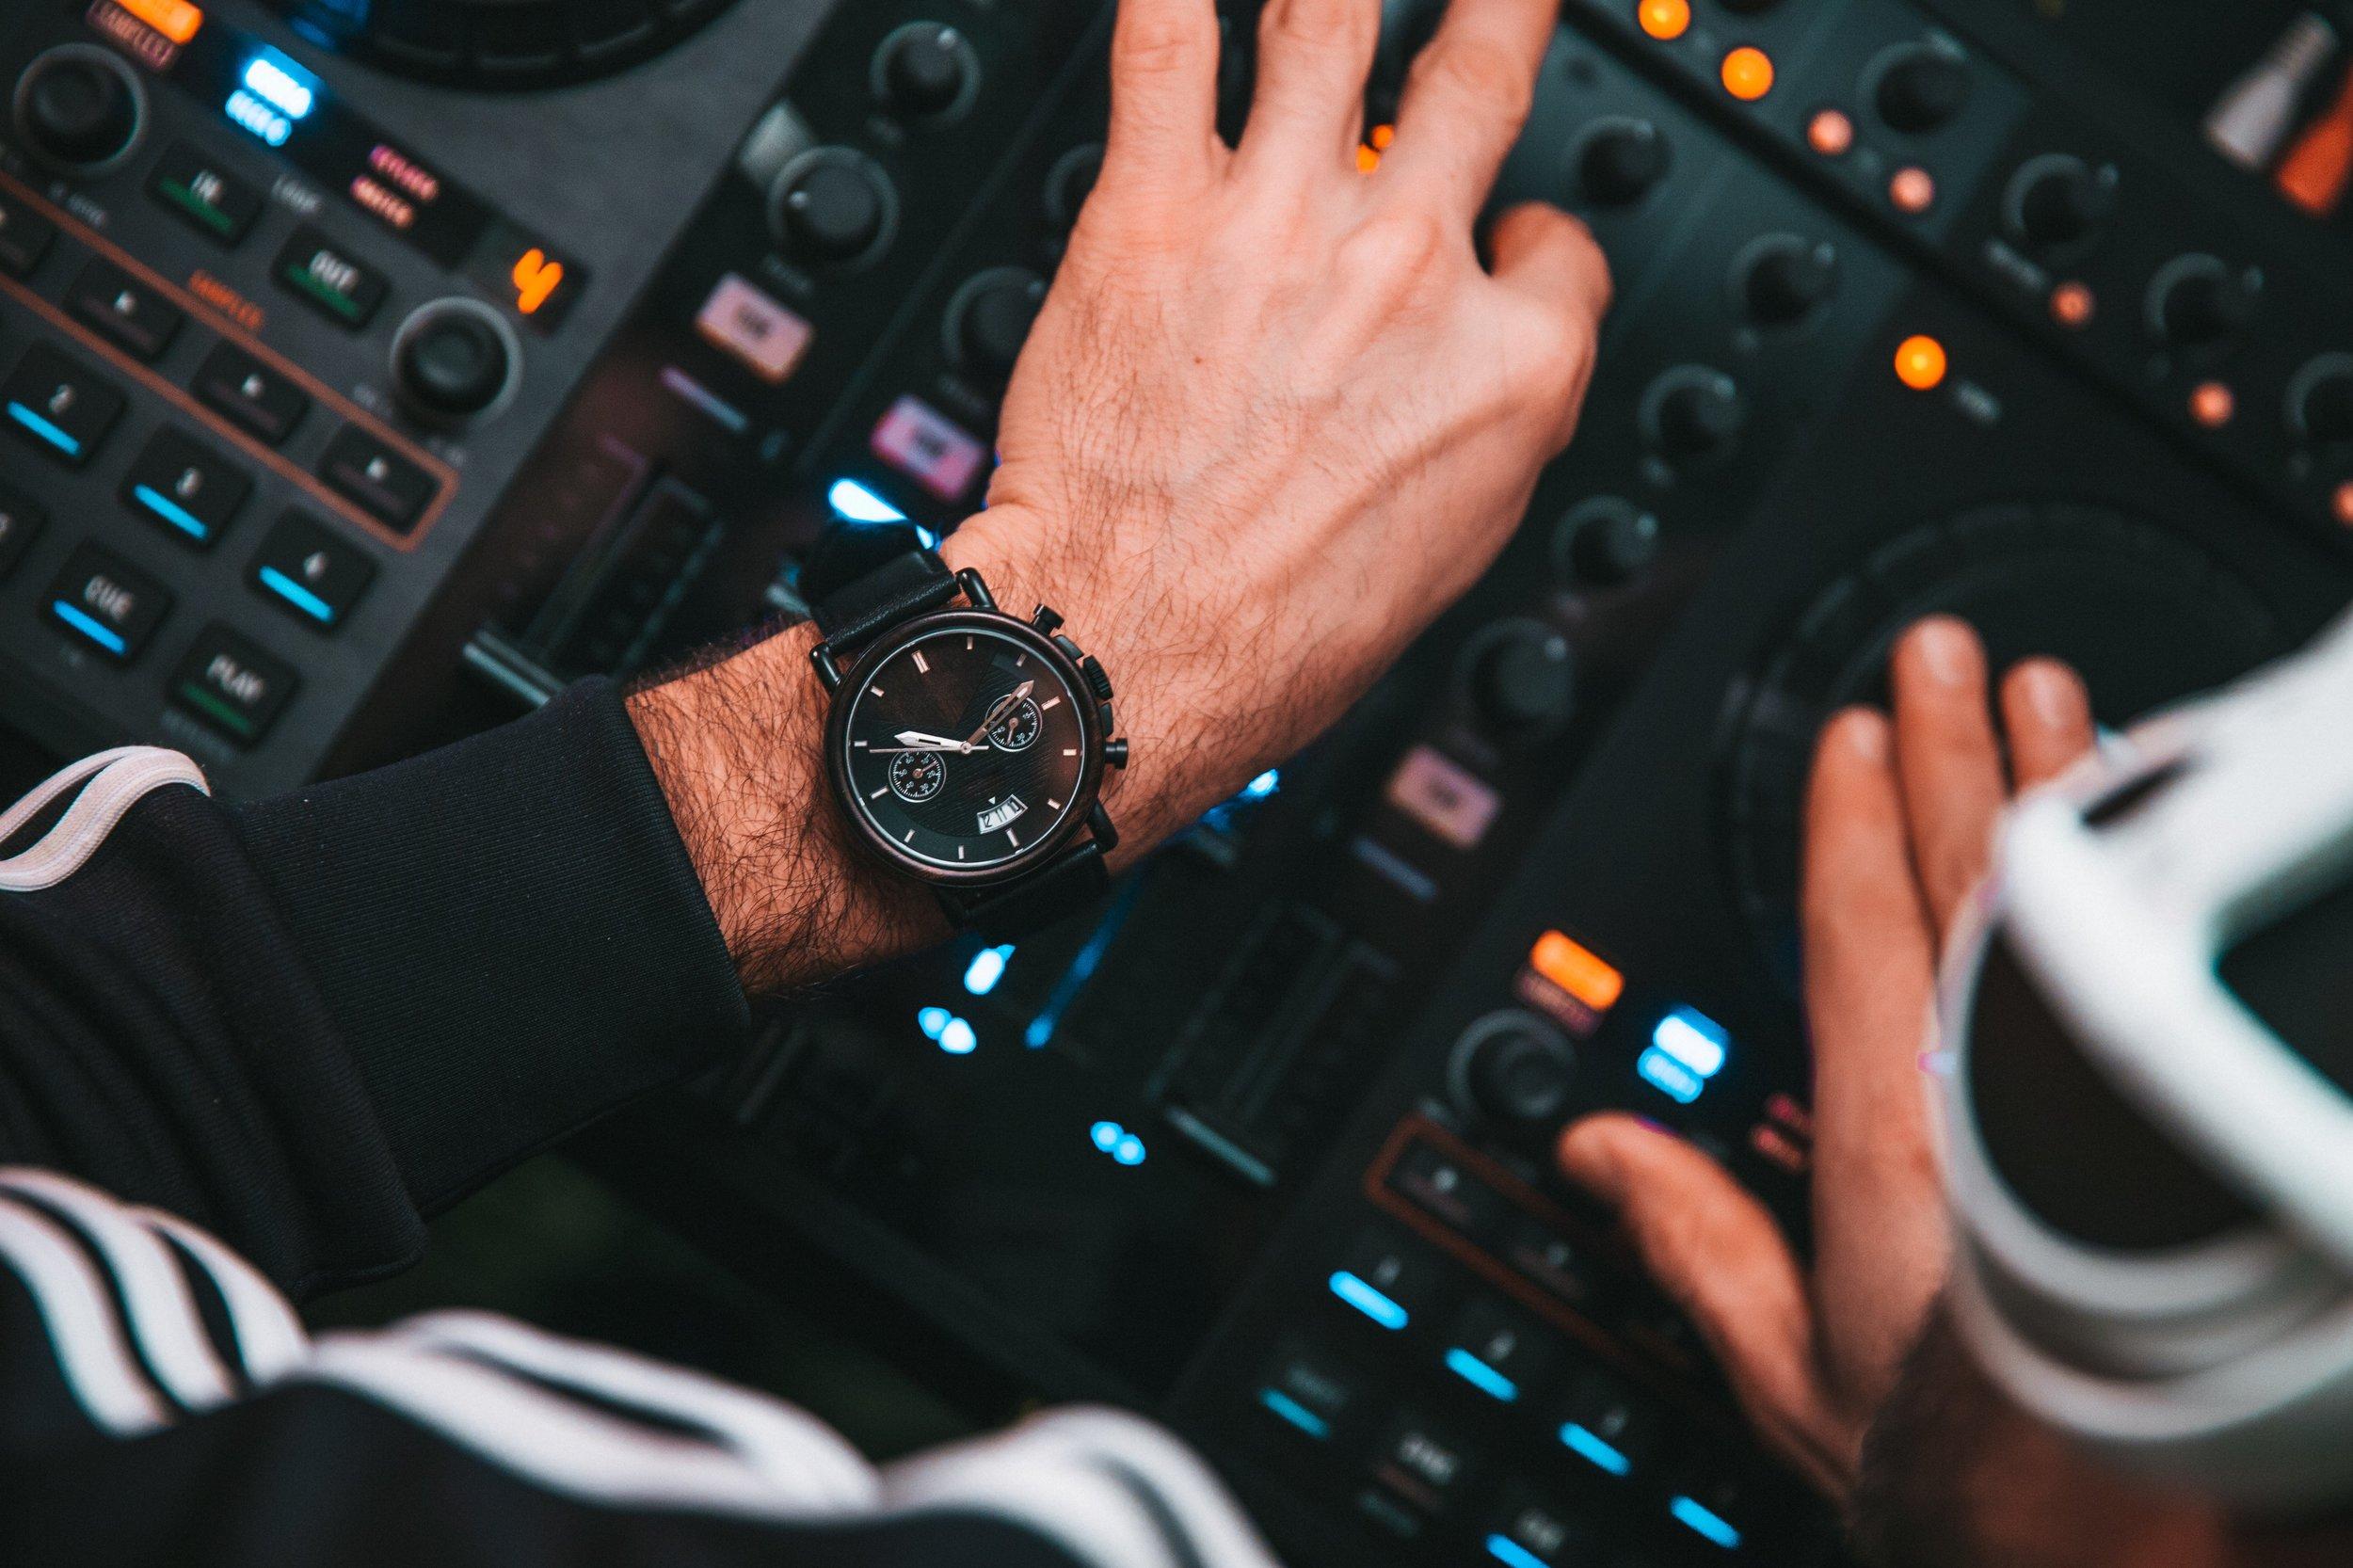 dj-hands-on-buttons_4460x4460.jpg